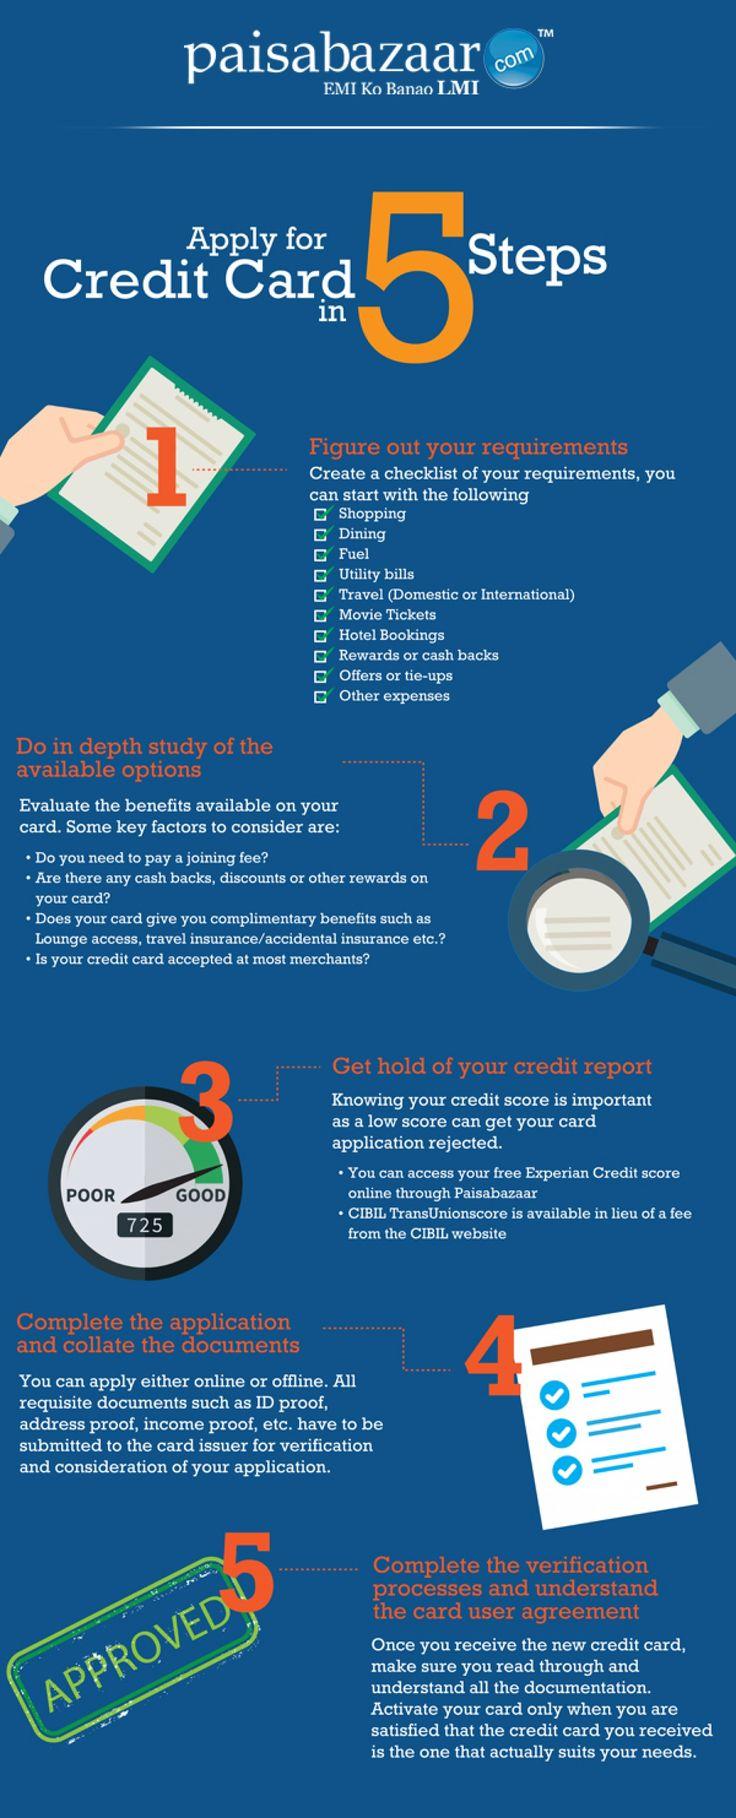 25 best credit card images on pinterest credit cards apply for and banks. Black Bedroom Furniture Sets. Home Design Ideas